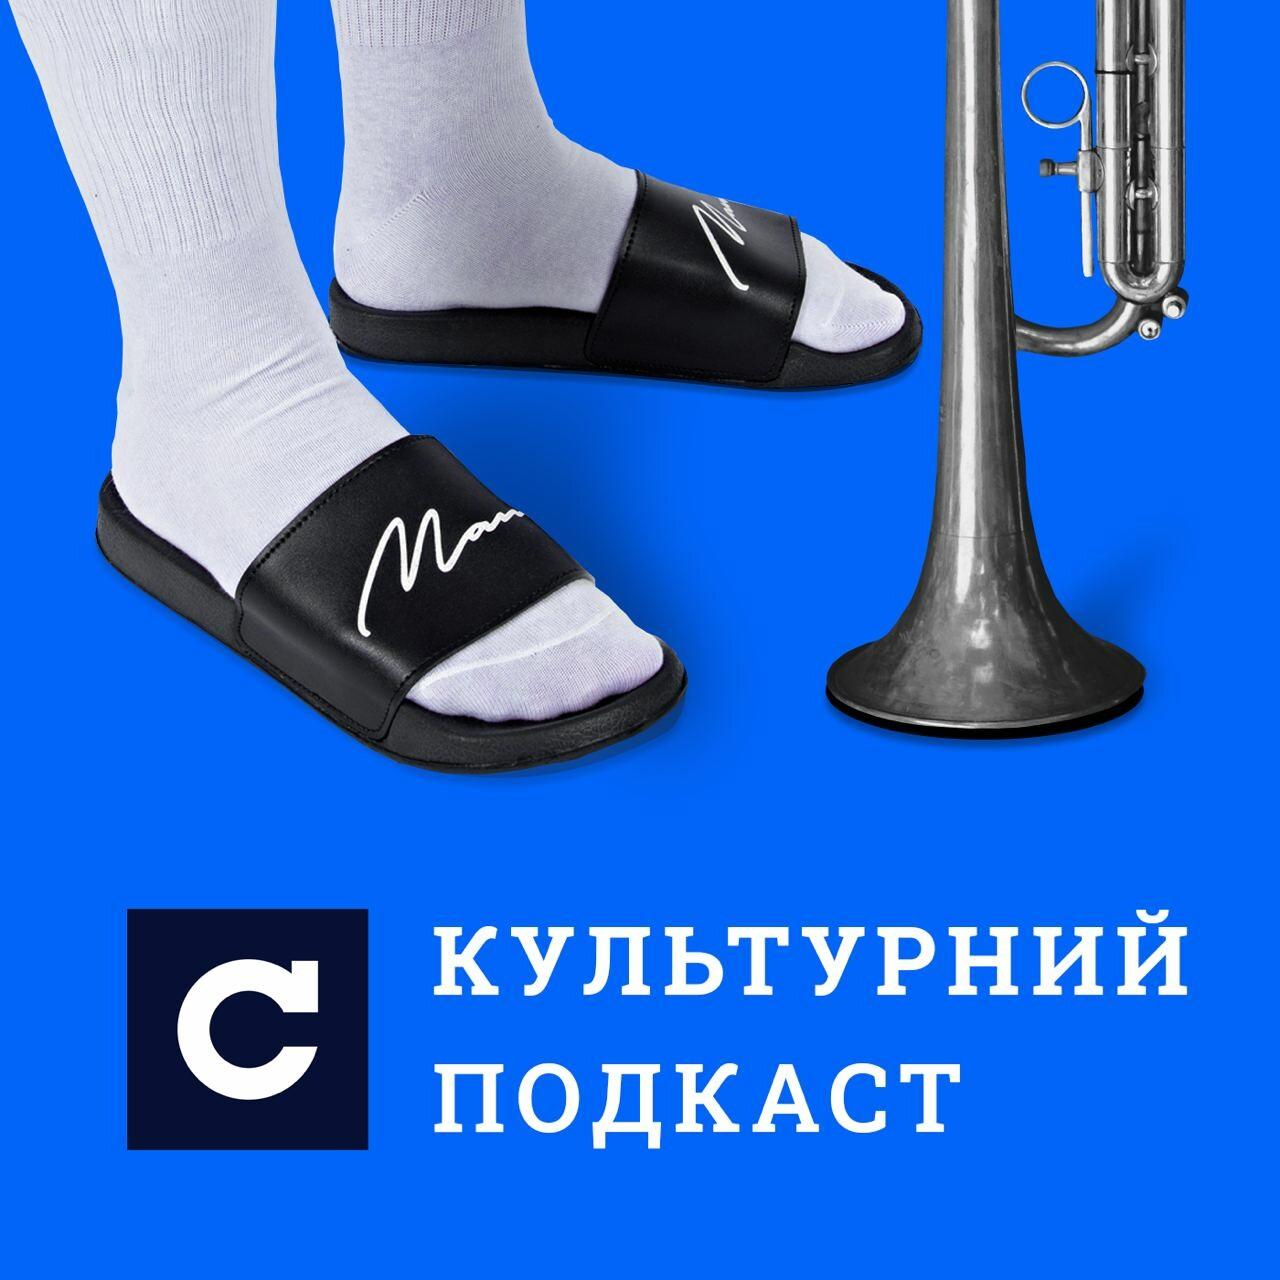 Музика локдауну: чим живуть музиканти під час карантину. В гостях Олександр Рябко.